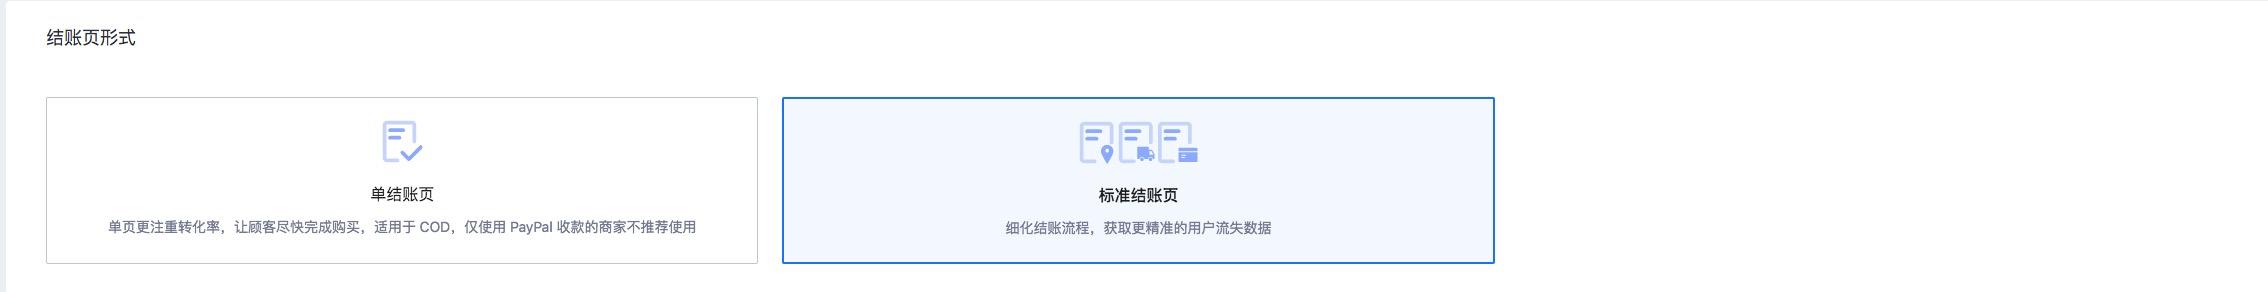 独立站后台交易设置结账页形式